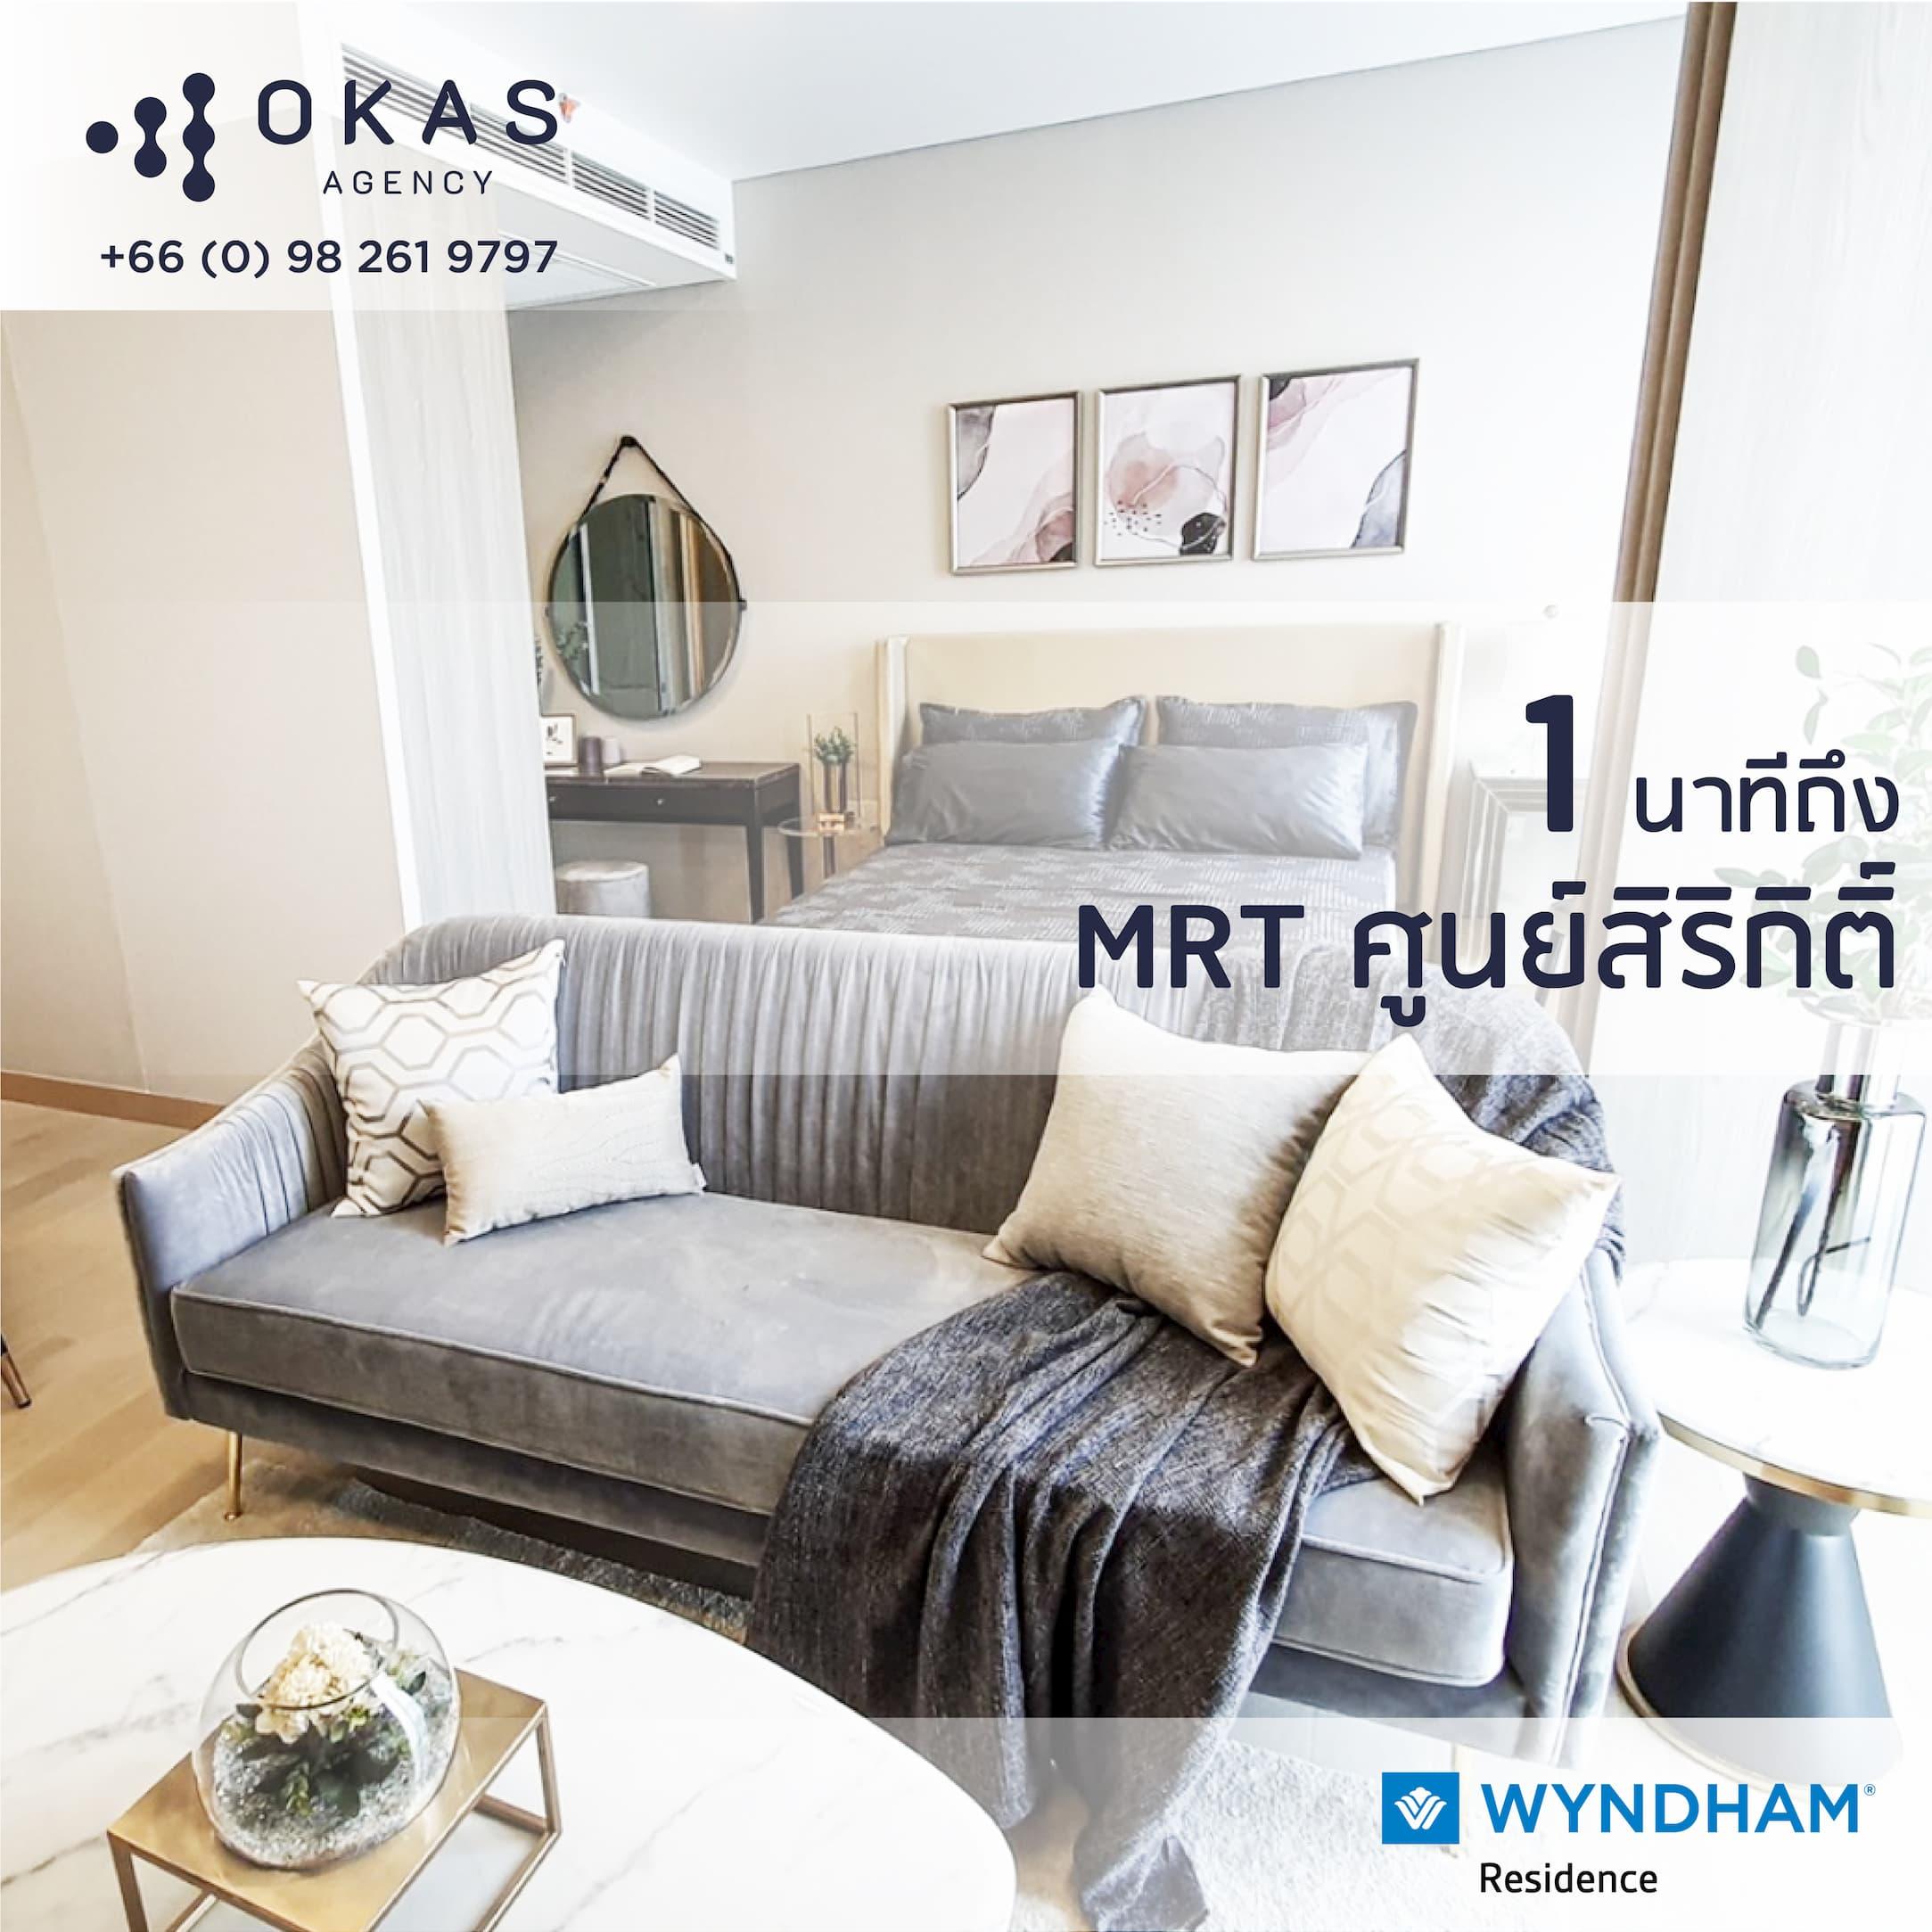 แต่งสวย พร้อมเช่า ทำเลดี  1 Bed - Wyndham Residence ชั้น 9 วิวสวนเบญจกิติ 100 ม. ถึง MRT ศูนย์สิริกิ